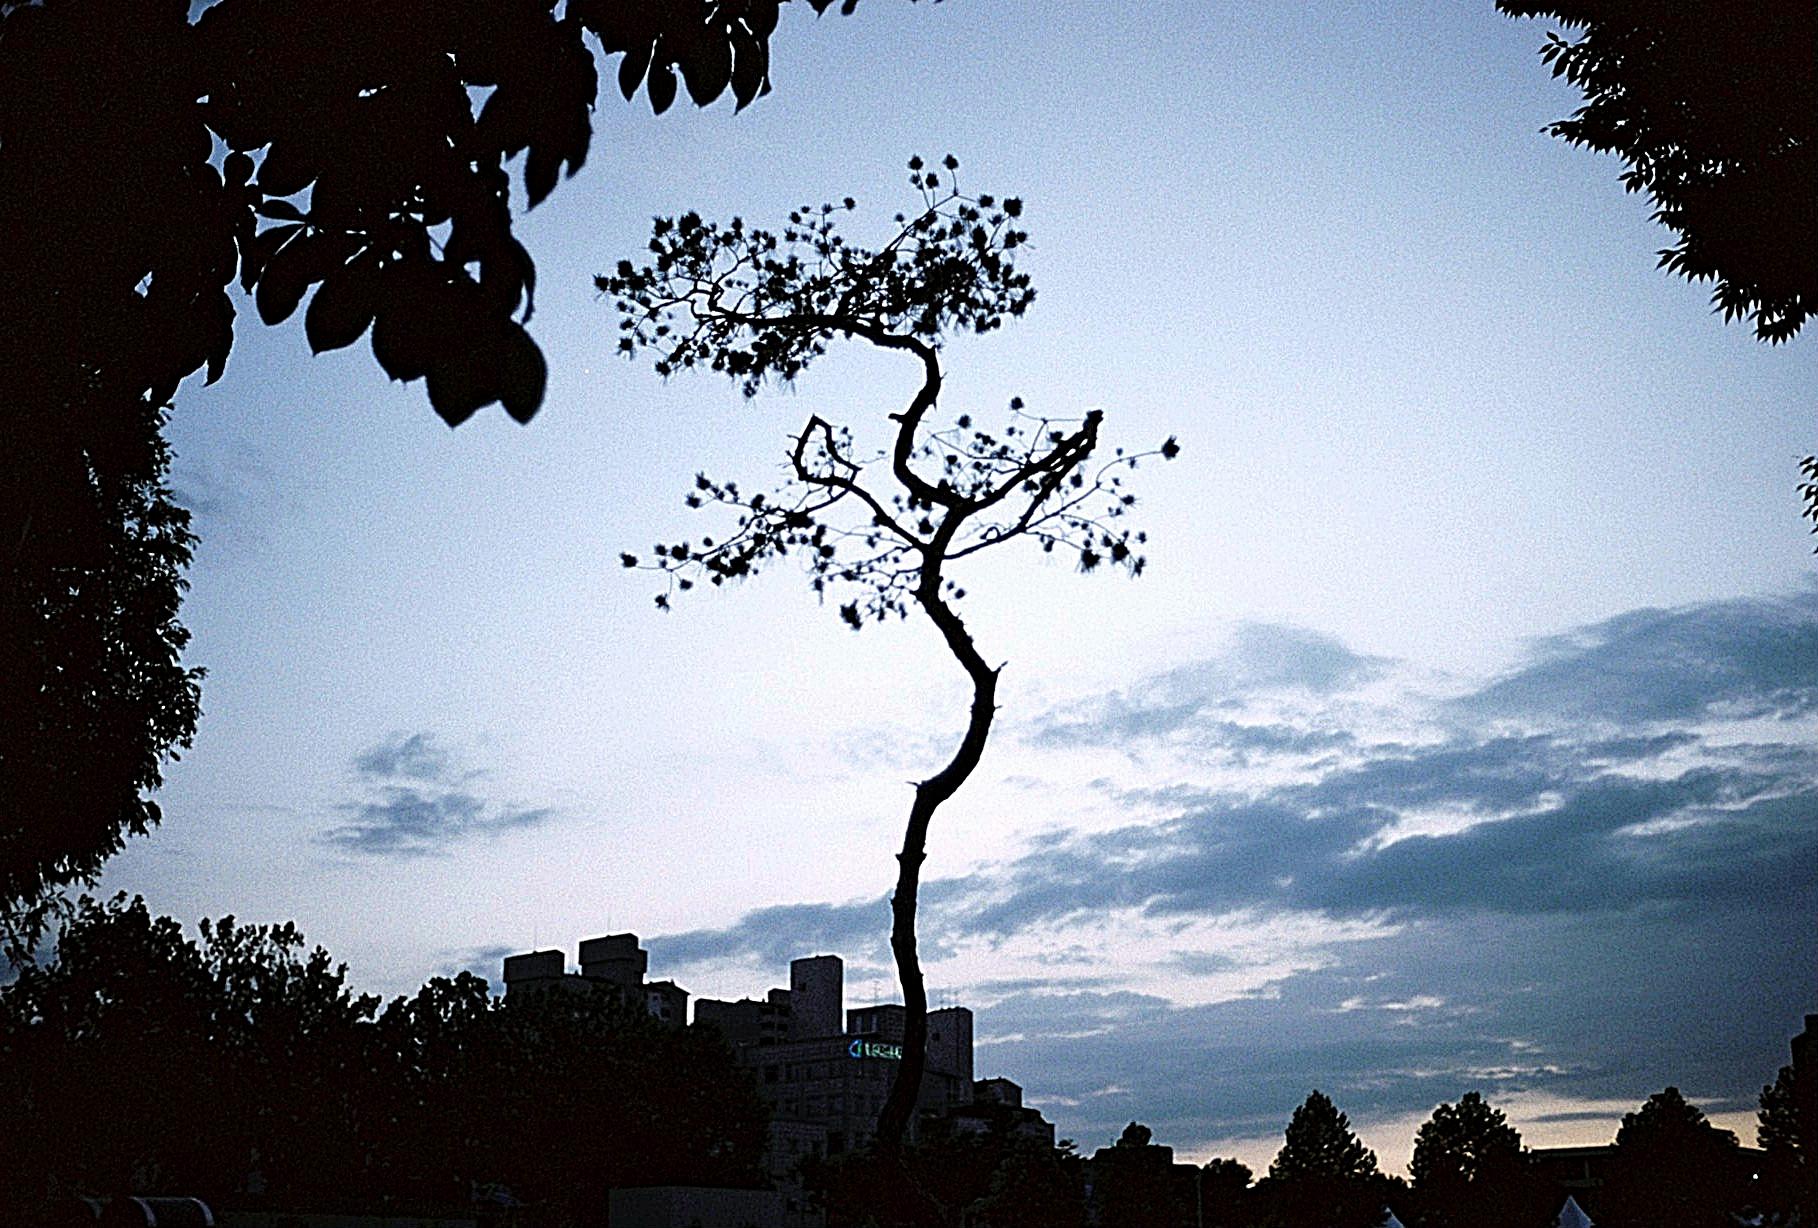 Yonsei, Seoul, South Korea (2010)